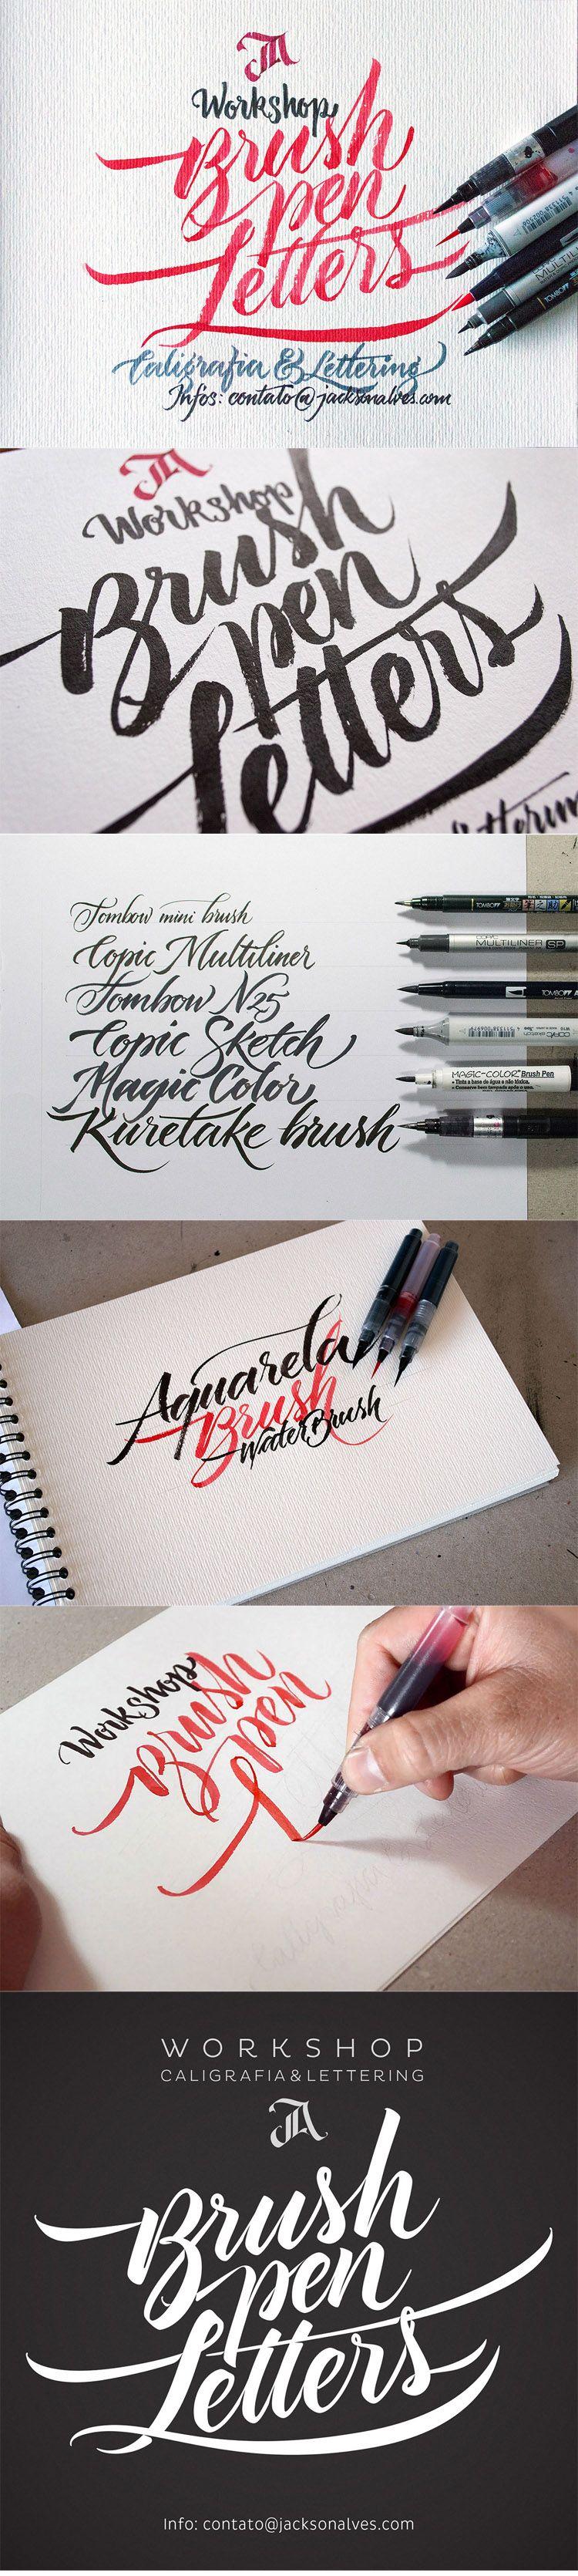 Brush pen letters workshop custom lettering by jackson